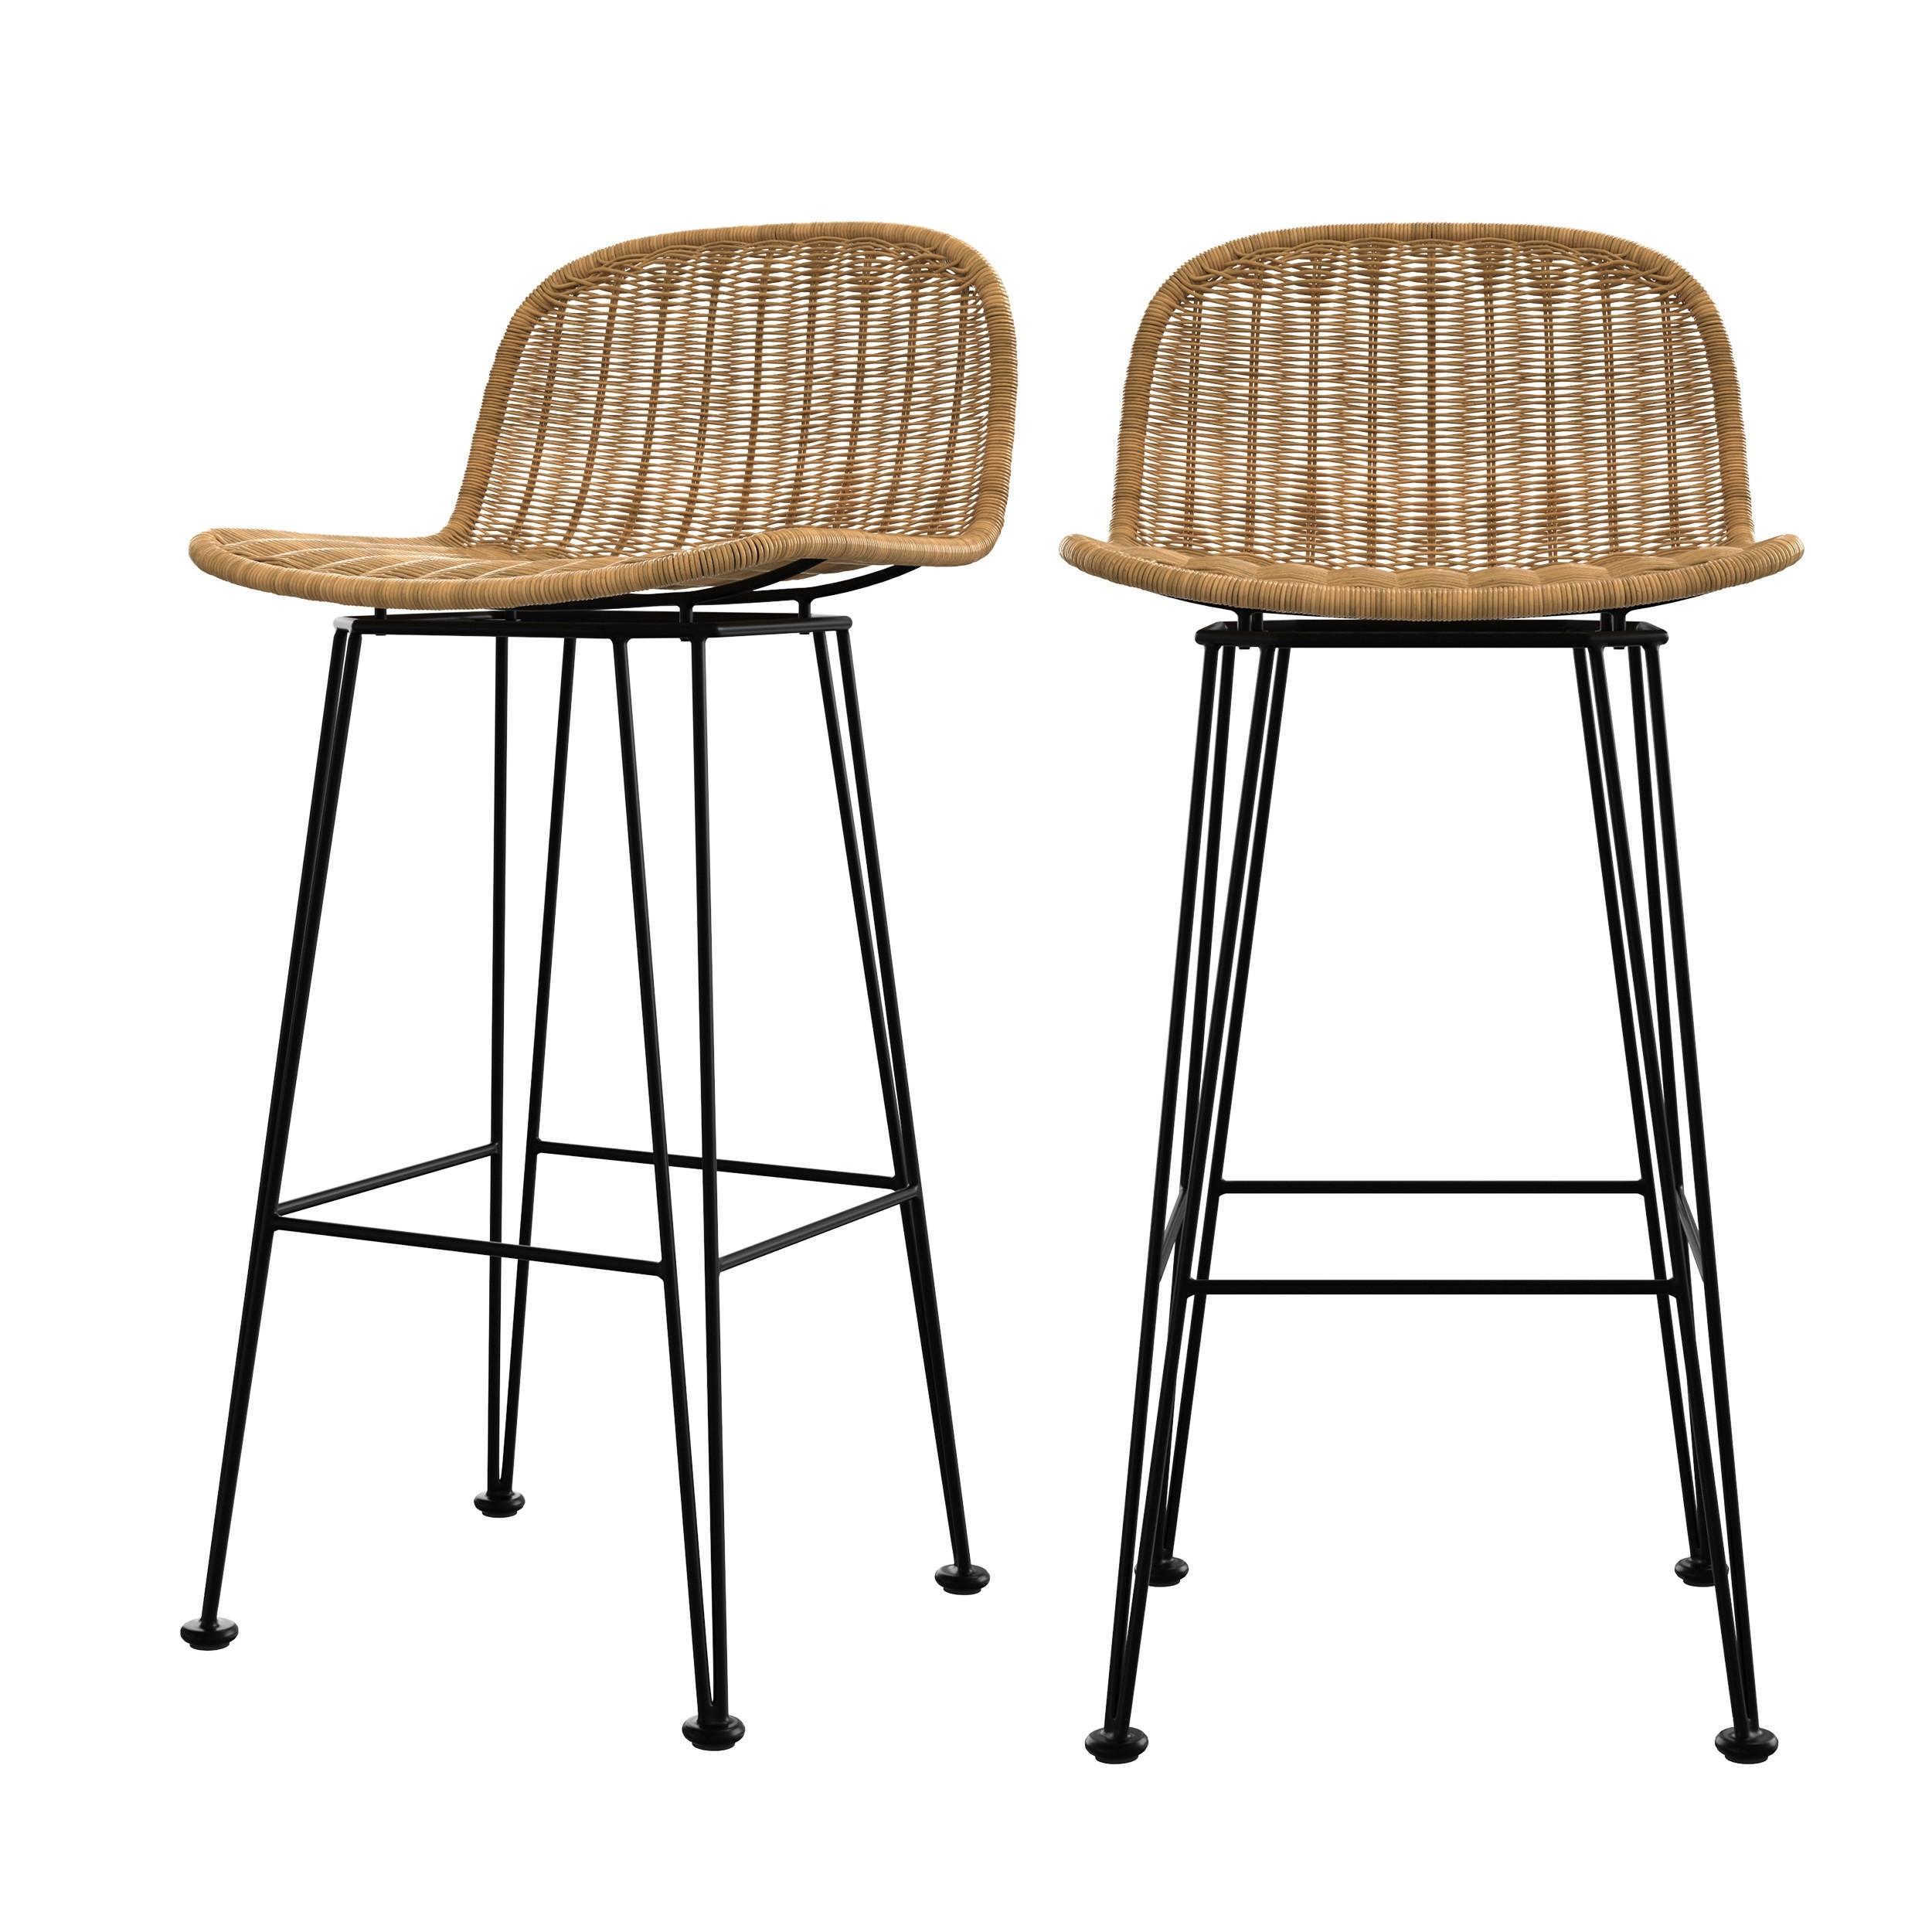 acheter chaise de bar assise tressee lot de 2